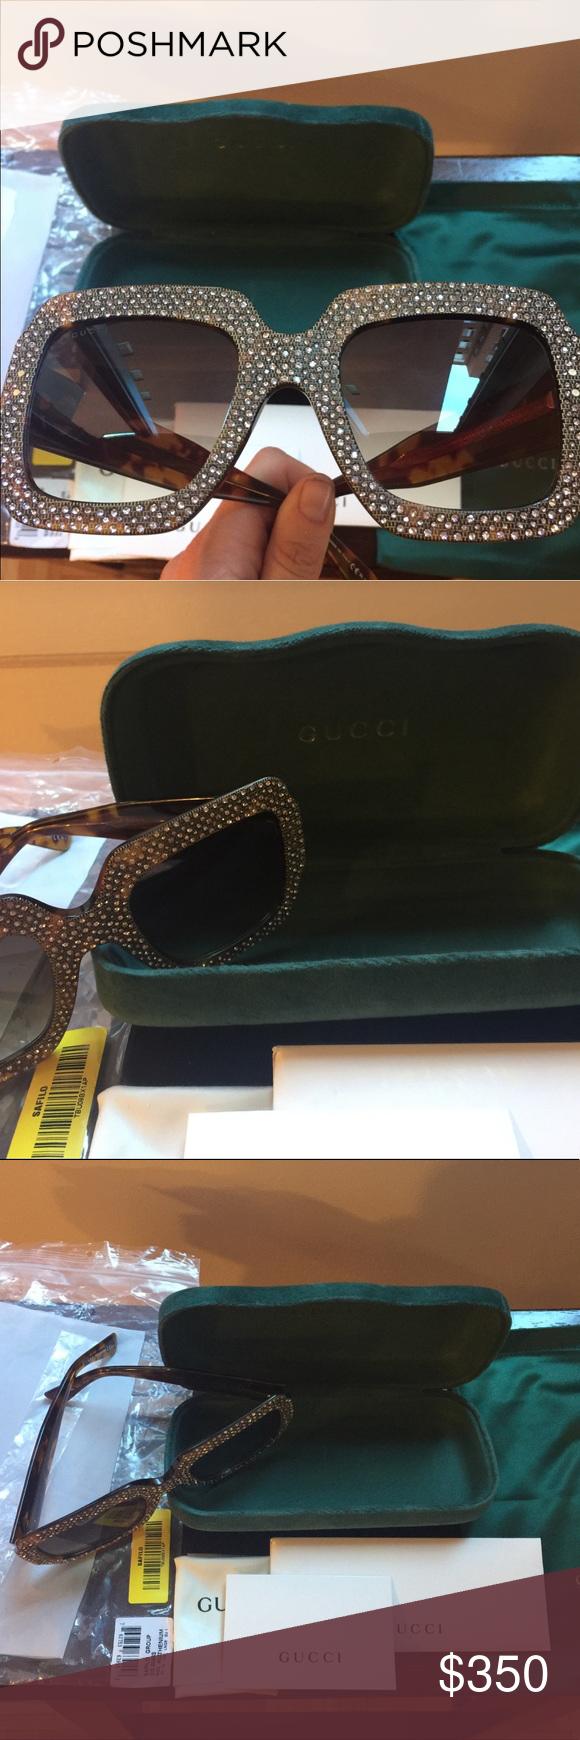 2a30a2ecd37 Gucci Oversize Rhinestone Sunglasses GG0048S Gucci Accessories Glasses